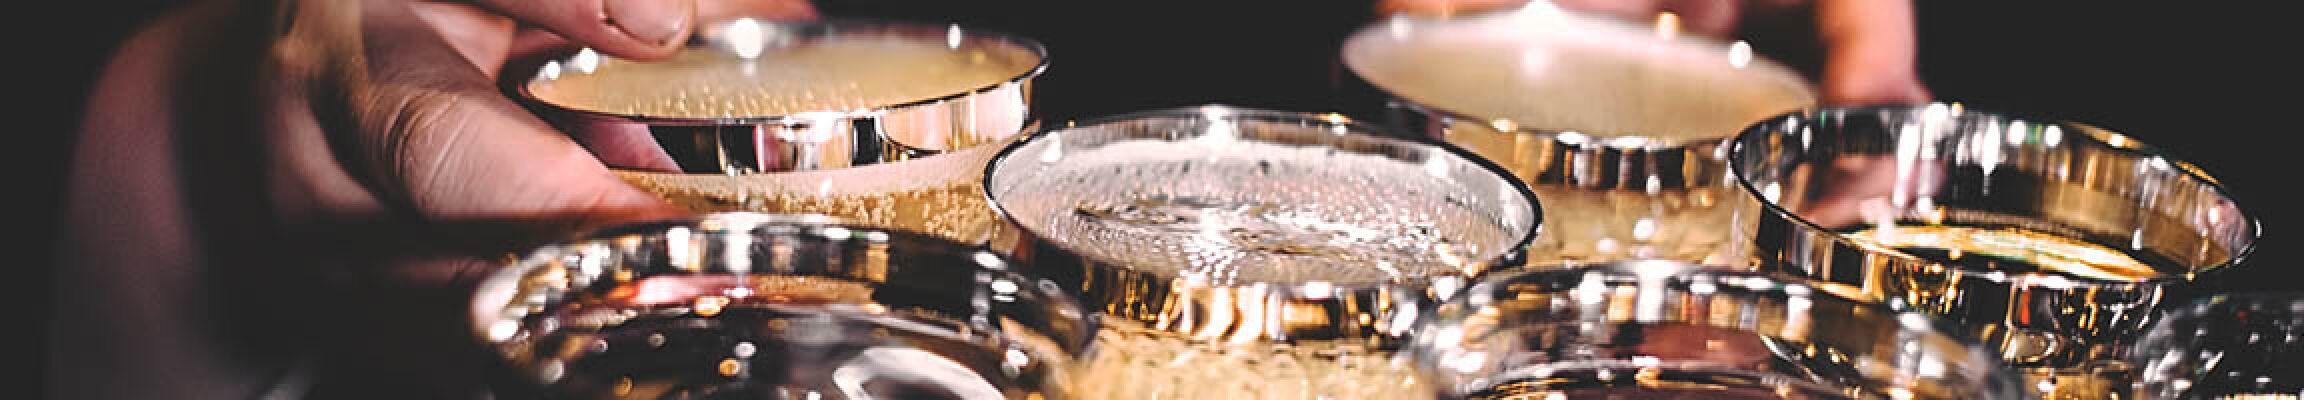 Was passiert eigentlich wenn Alkohol im Körper ist?